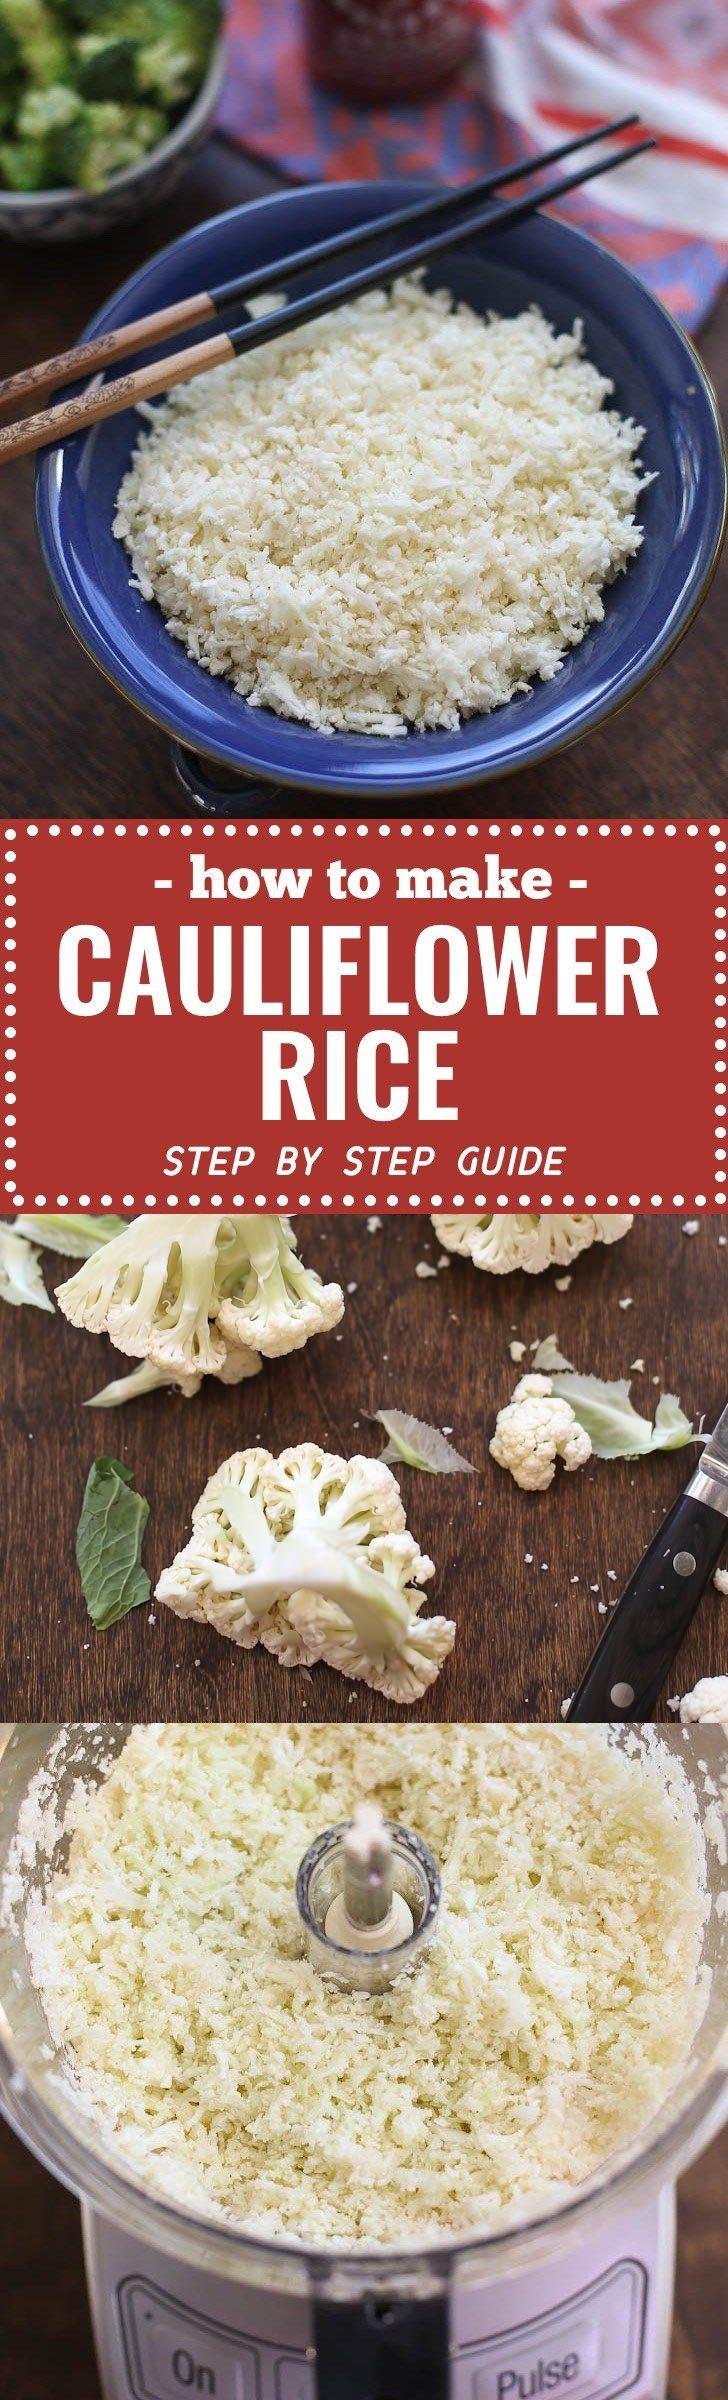 Cauliflower Rice How To Make